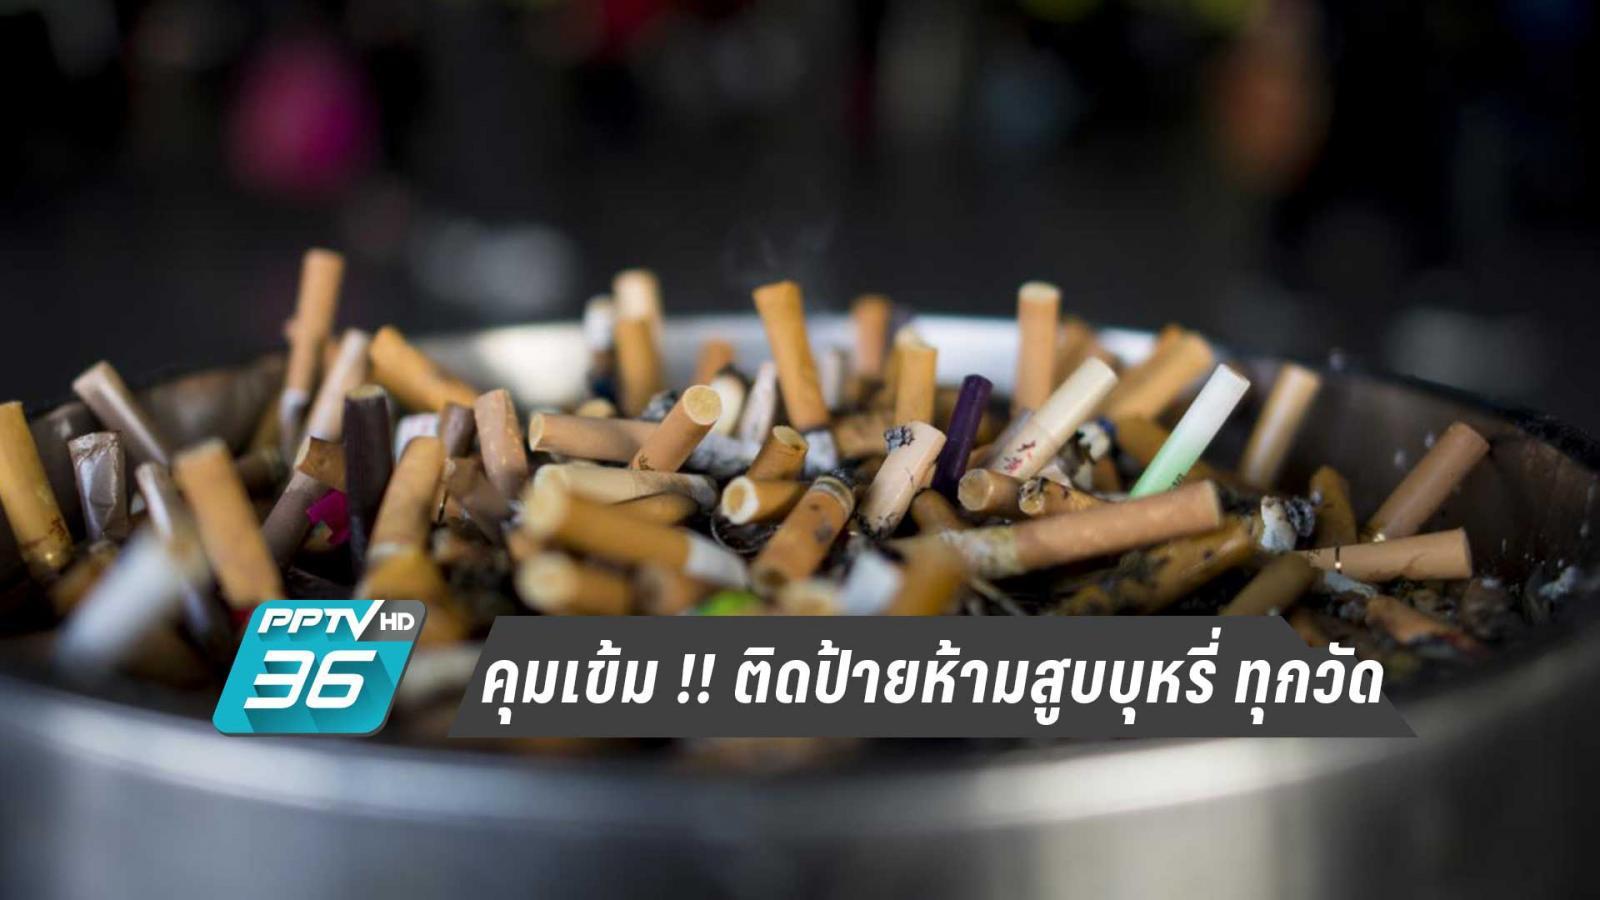 คุมเข้ม !! ติดป้ายห้ามสูบบุหรี่ ทุกวัด